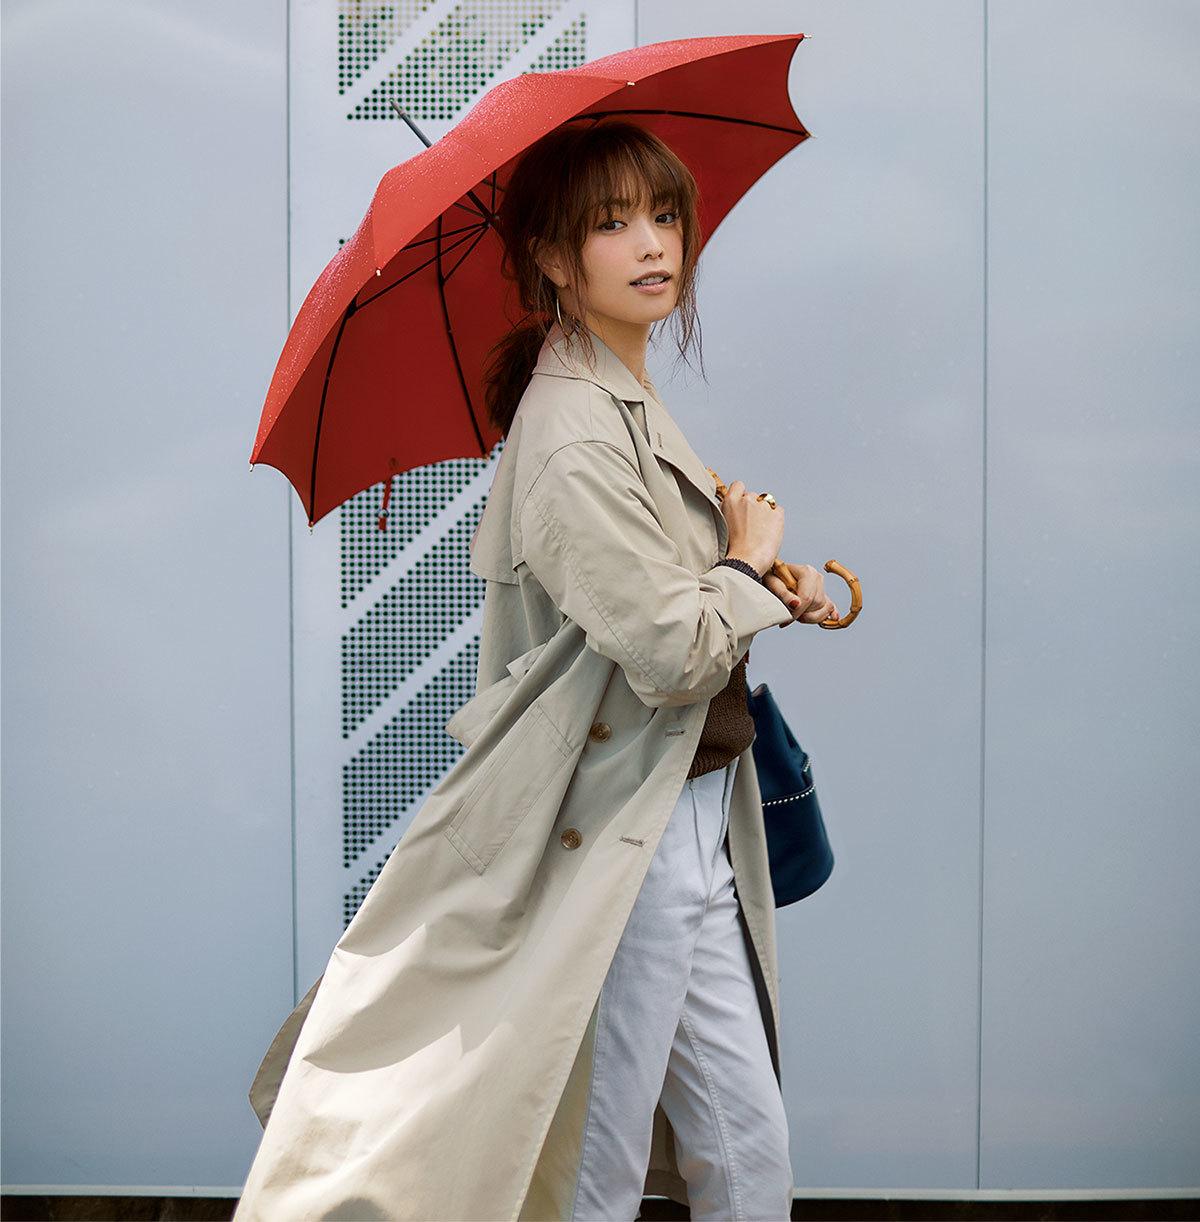 雨の日コーデ_防汚加工白パンツコーデ1